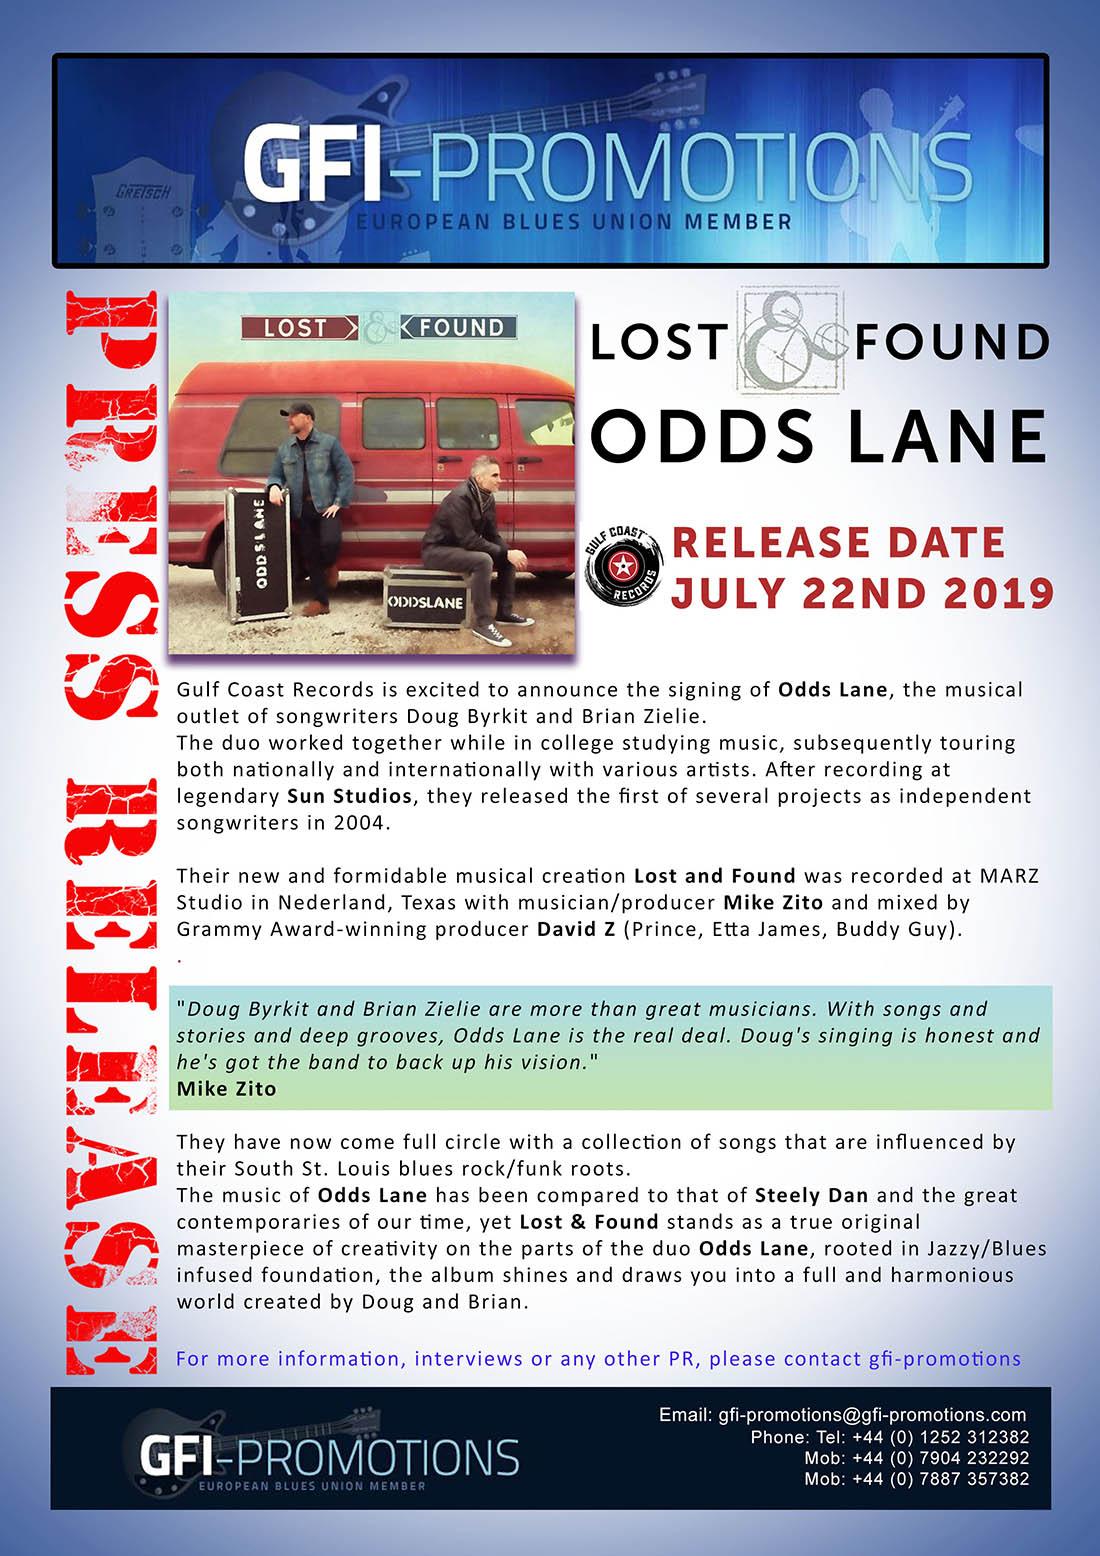 Odds Lane